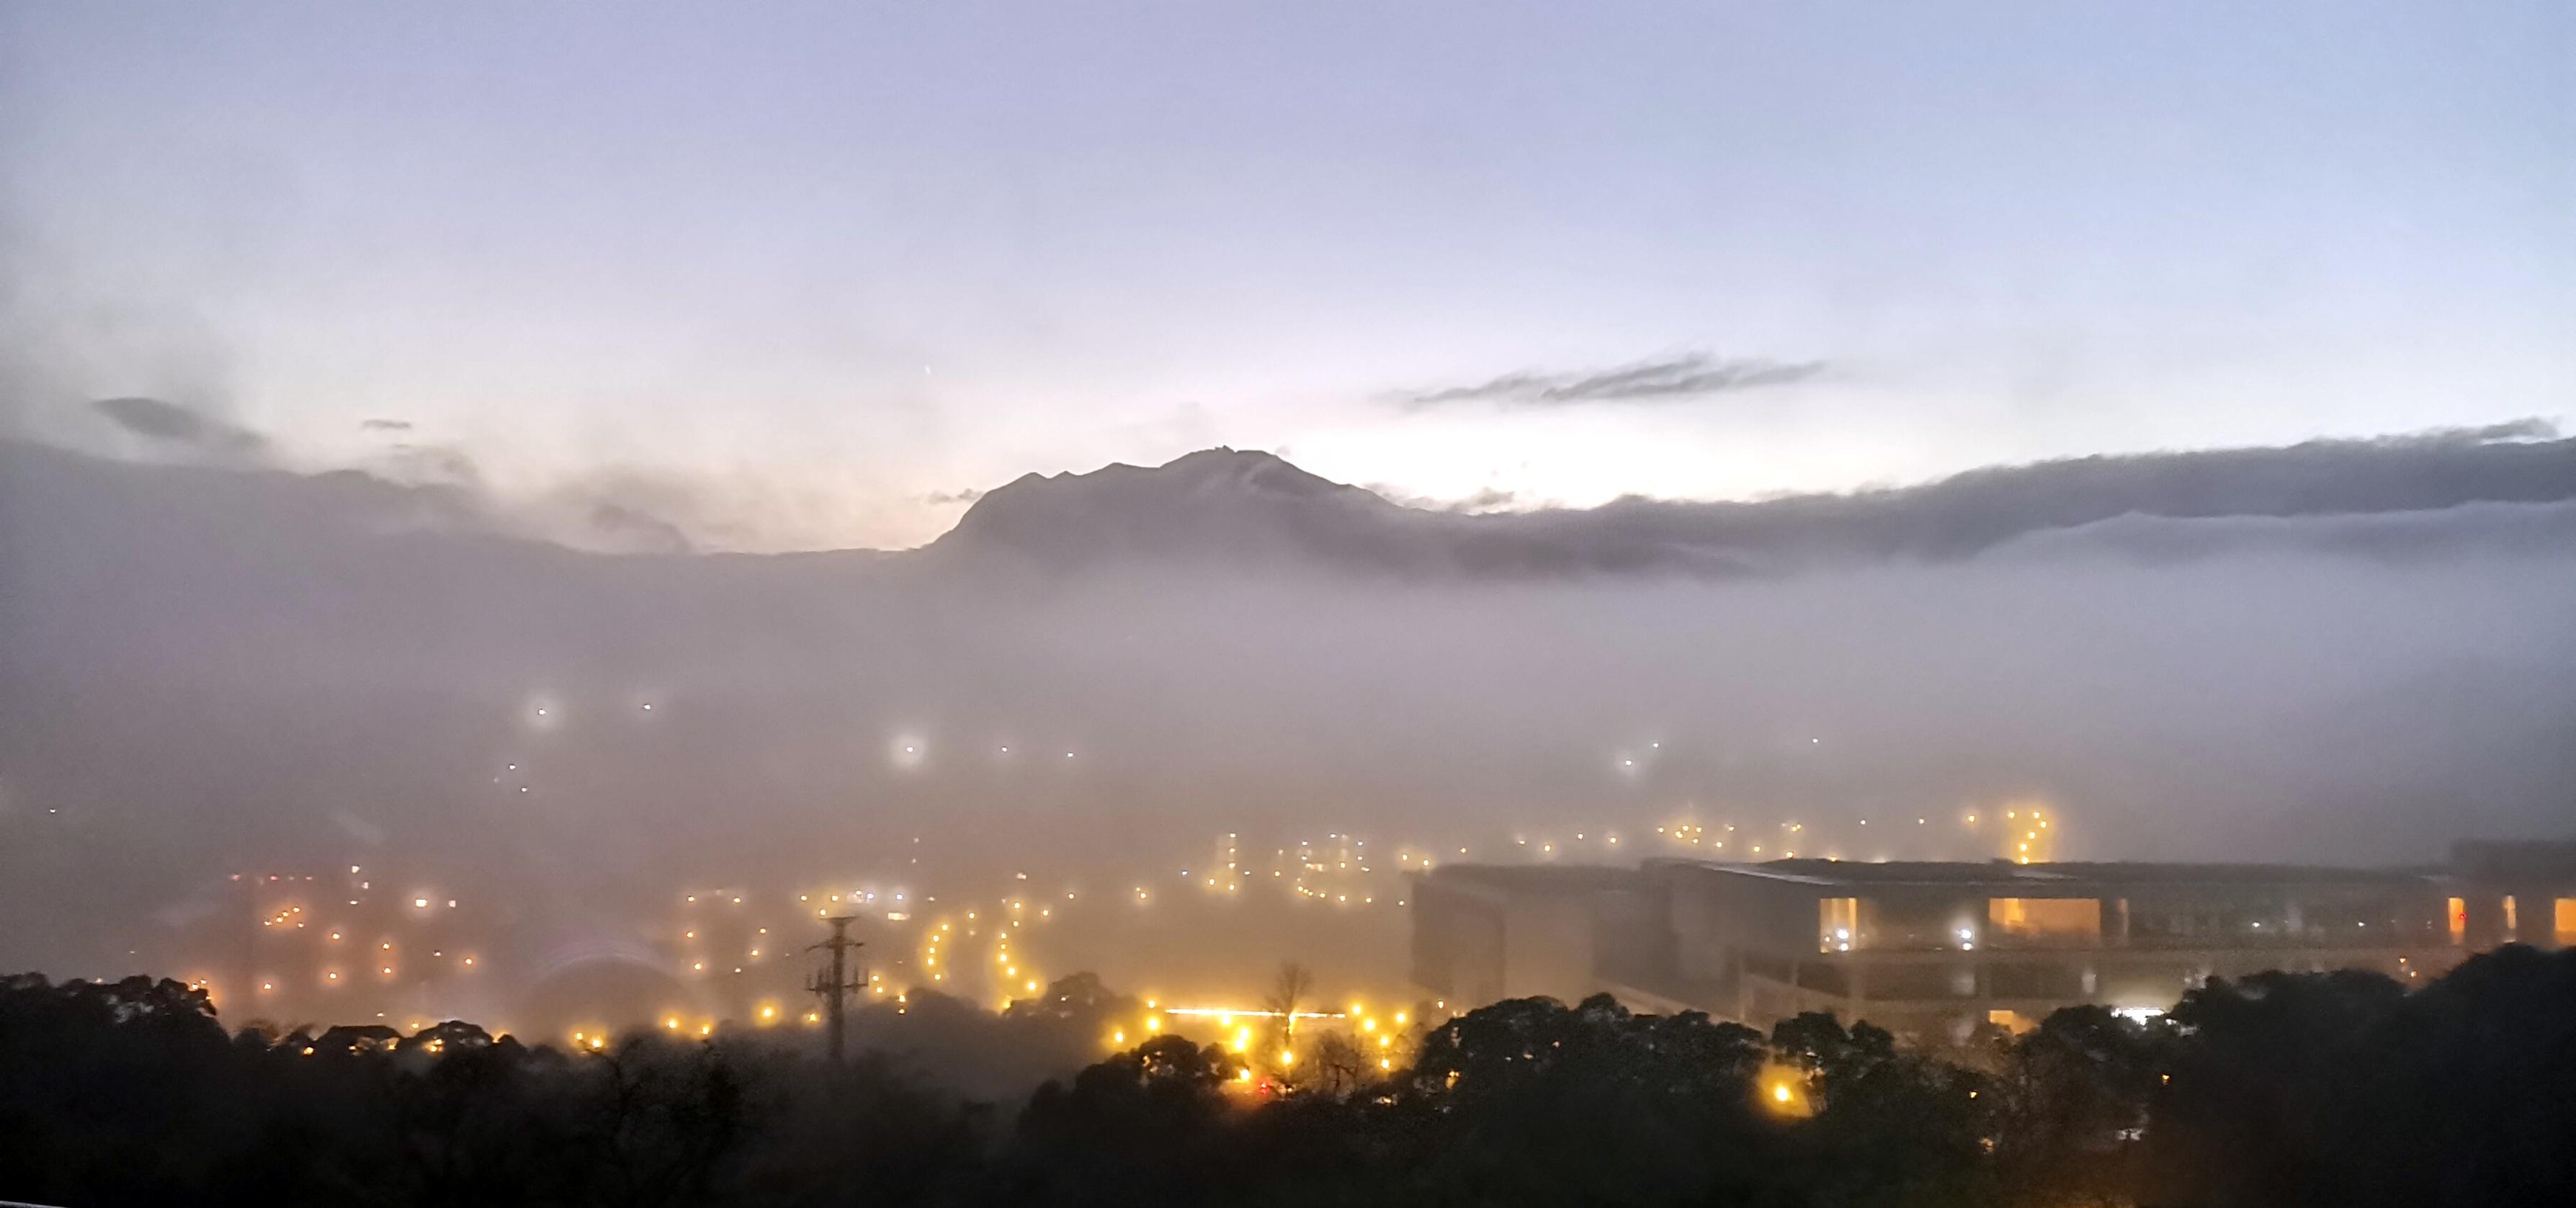 97霧瀰漫、夜朦朧 ,燈火闌珊處;人寂寥、心閑靜,  獨偊環山路。